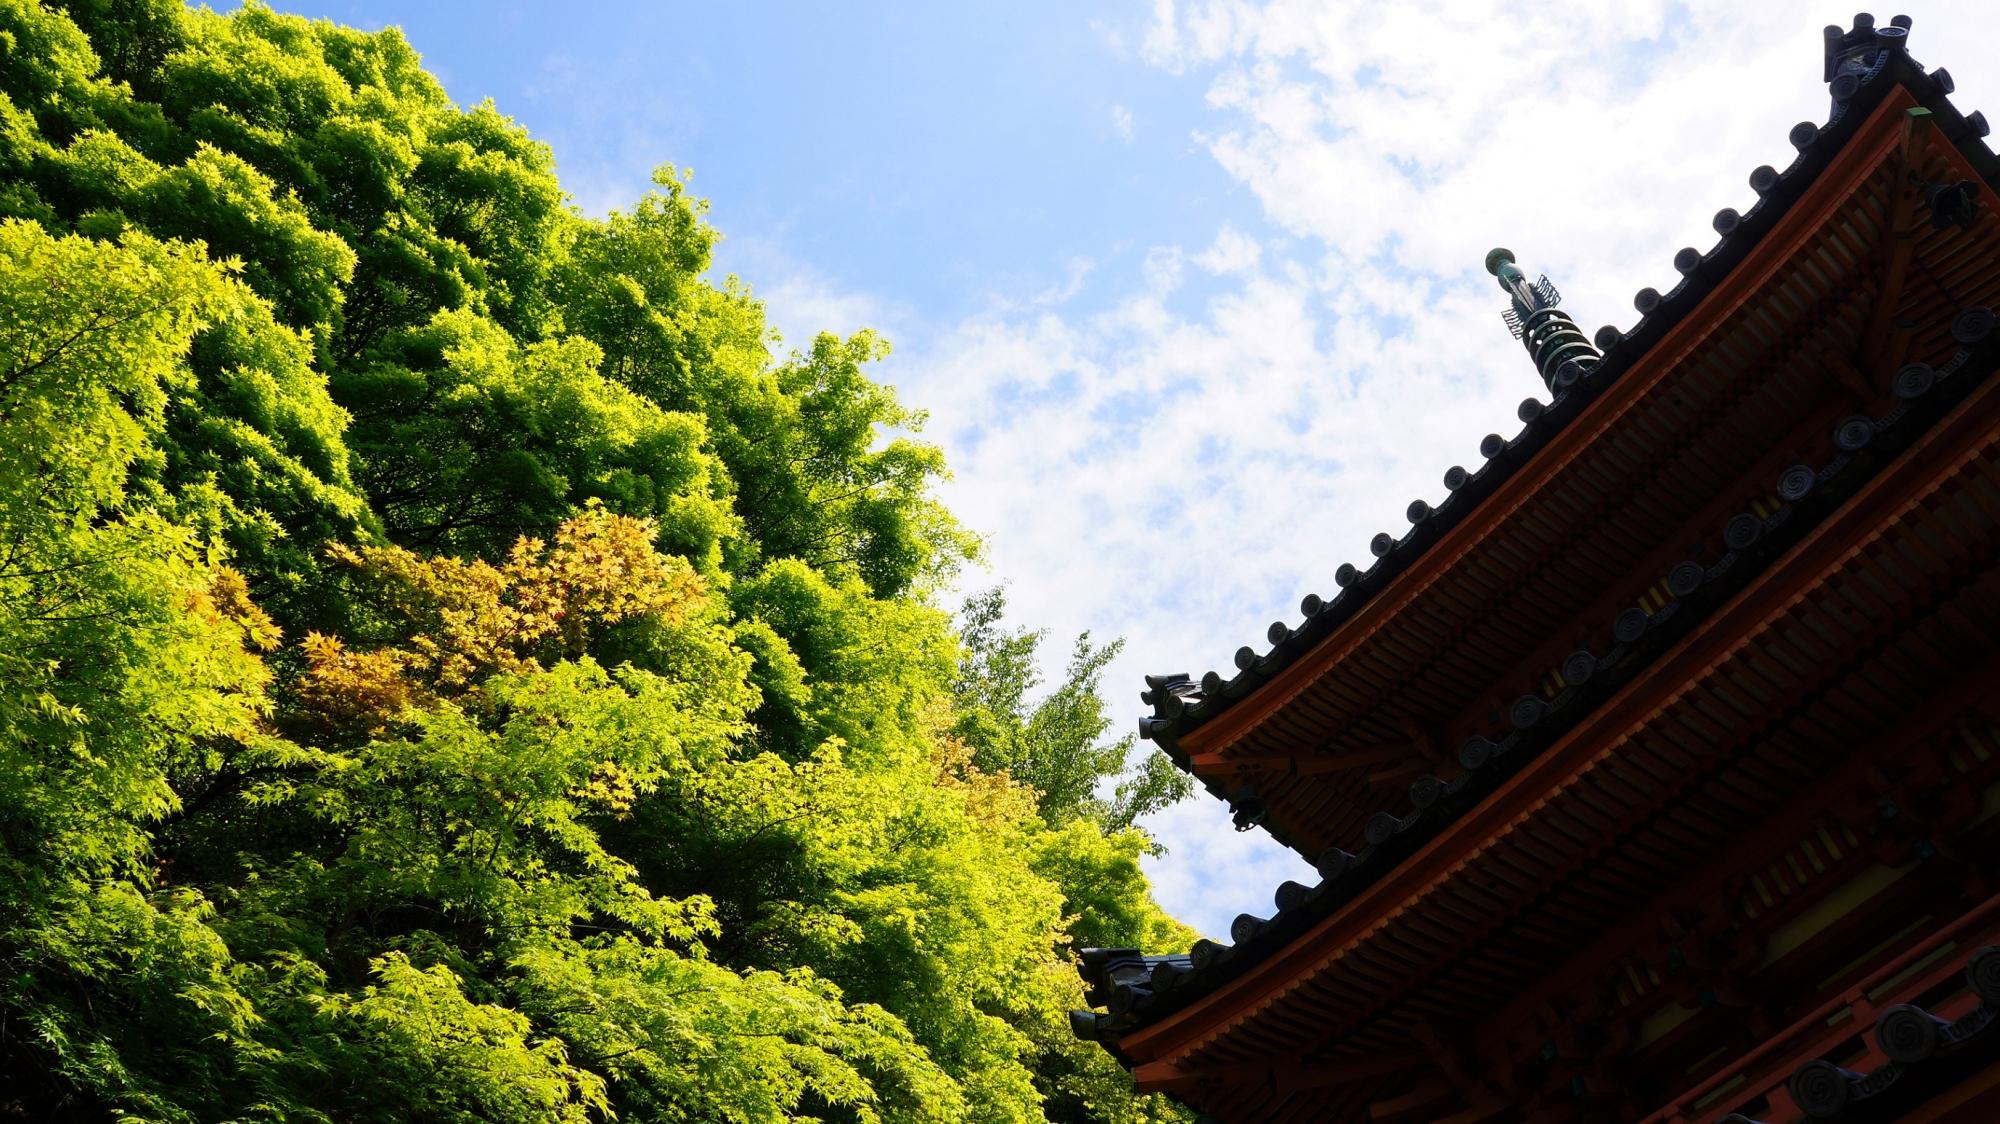 三重塔のシルエットと眩しい新緑